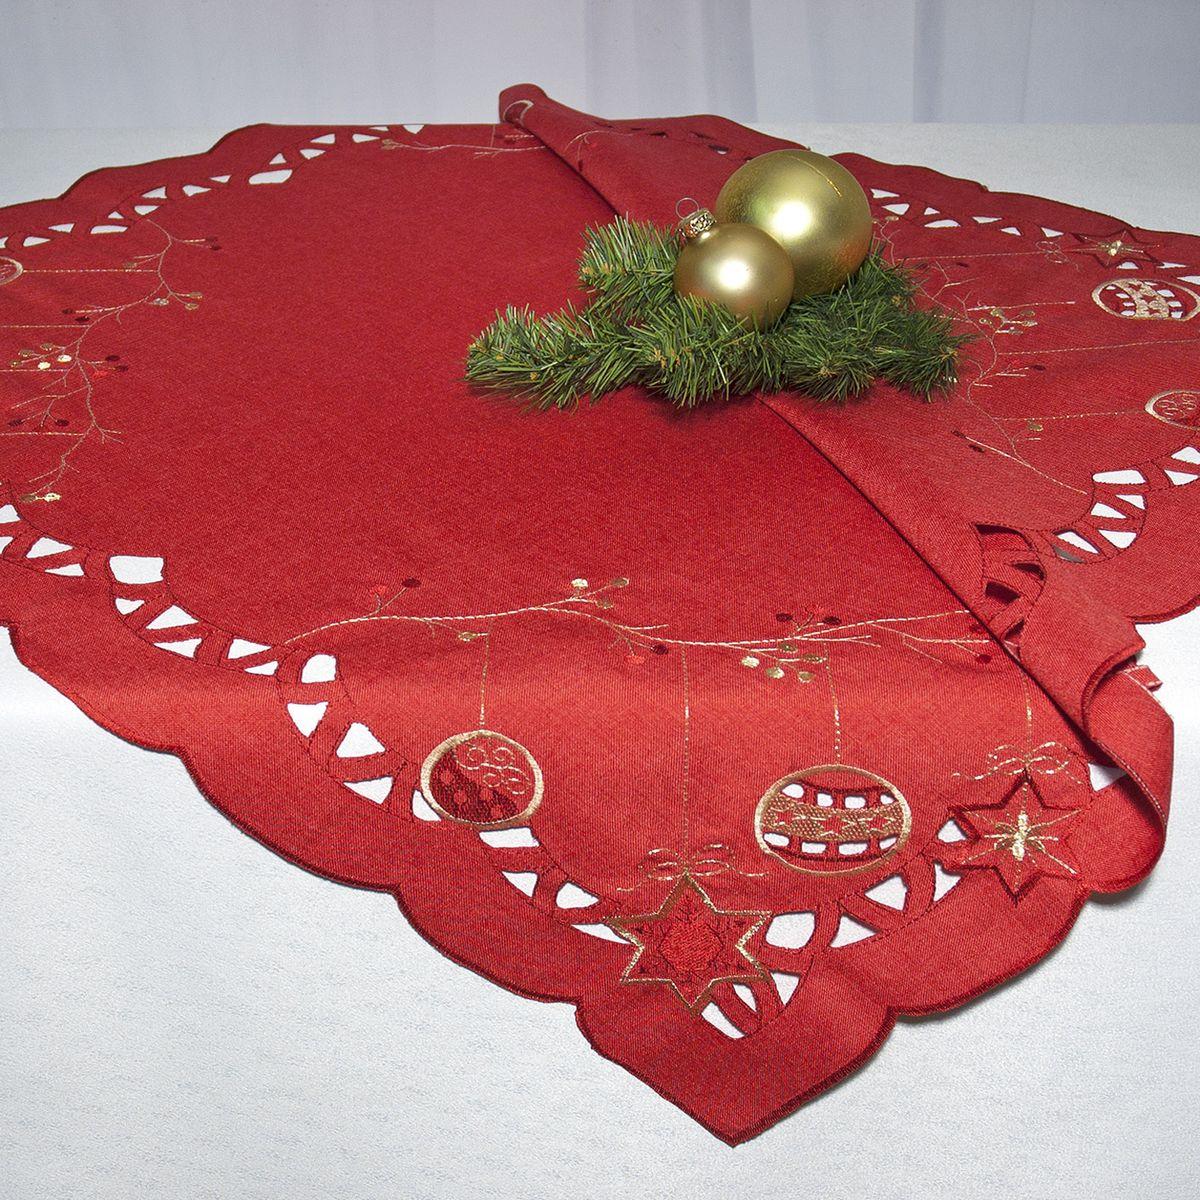 """Квадратная скатерть """"Schaefer"""", выполненная из полиэстера, станет прекрасным украшением новогоднего стола. Изделие декорировано изысканной перфорацией по краю и вышивкой в виде елочных игрушек. За текстилем из полиэстера очень легко ухаживать: он легко стирается, не мнется, не садится и быстро сохнет, более долговечен, чем текстиль из натуральных волокон. Использование такой скатерти сделает застолье торжественным, поднимет настроение гостей и приятно удивит их вашим изысканным вкусом.  Это текстильное изделие станет изысканным украшением вашего дома!"""